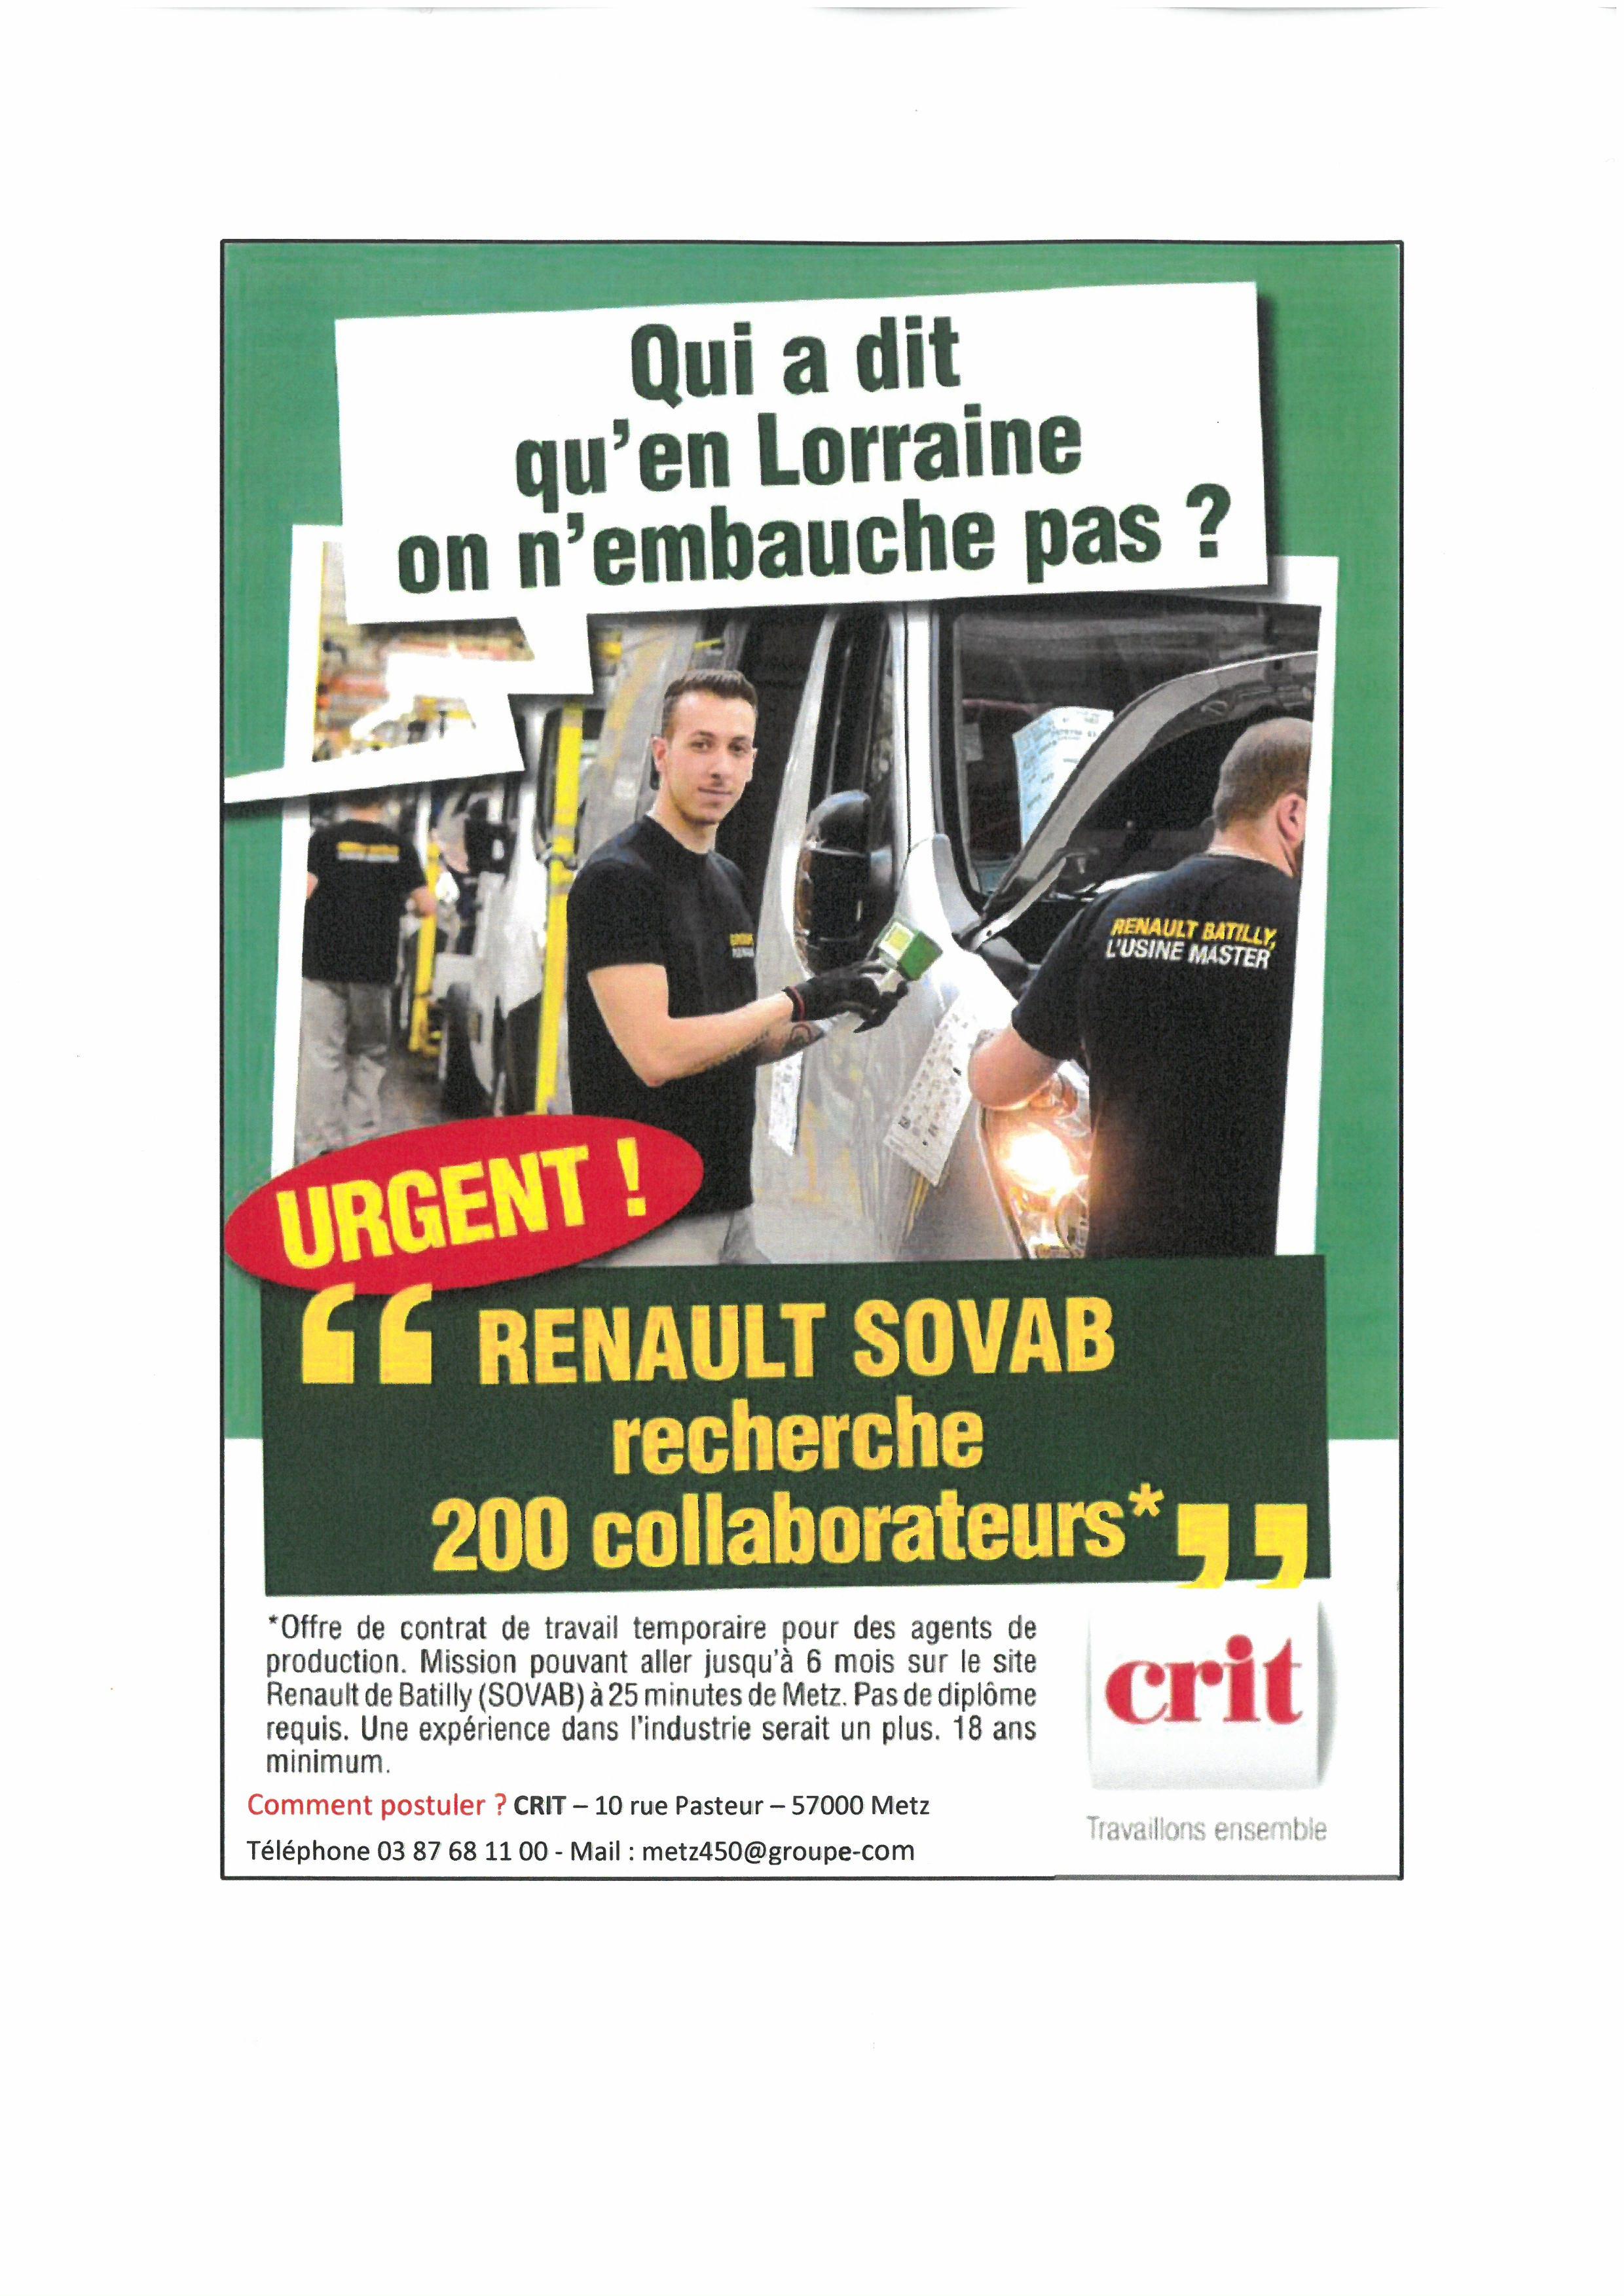 Renault Sovab recherche 200 collaborateurs